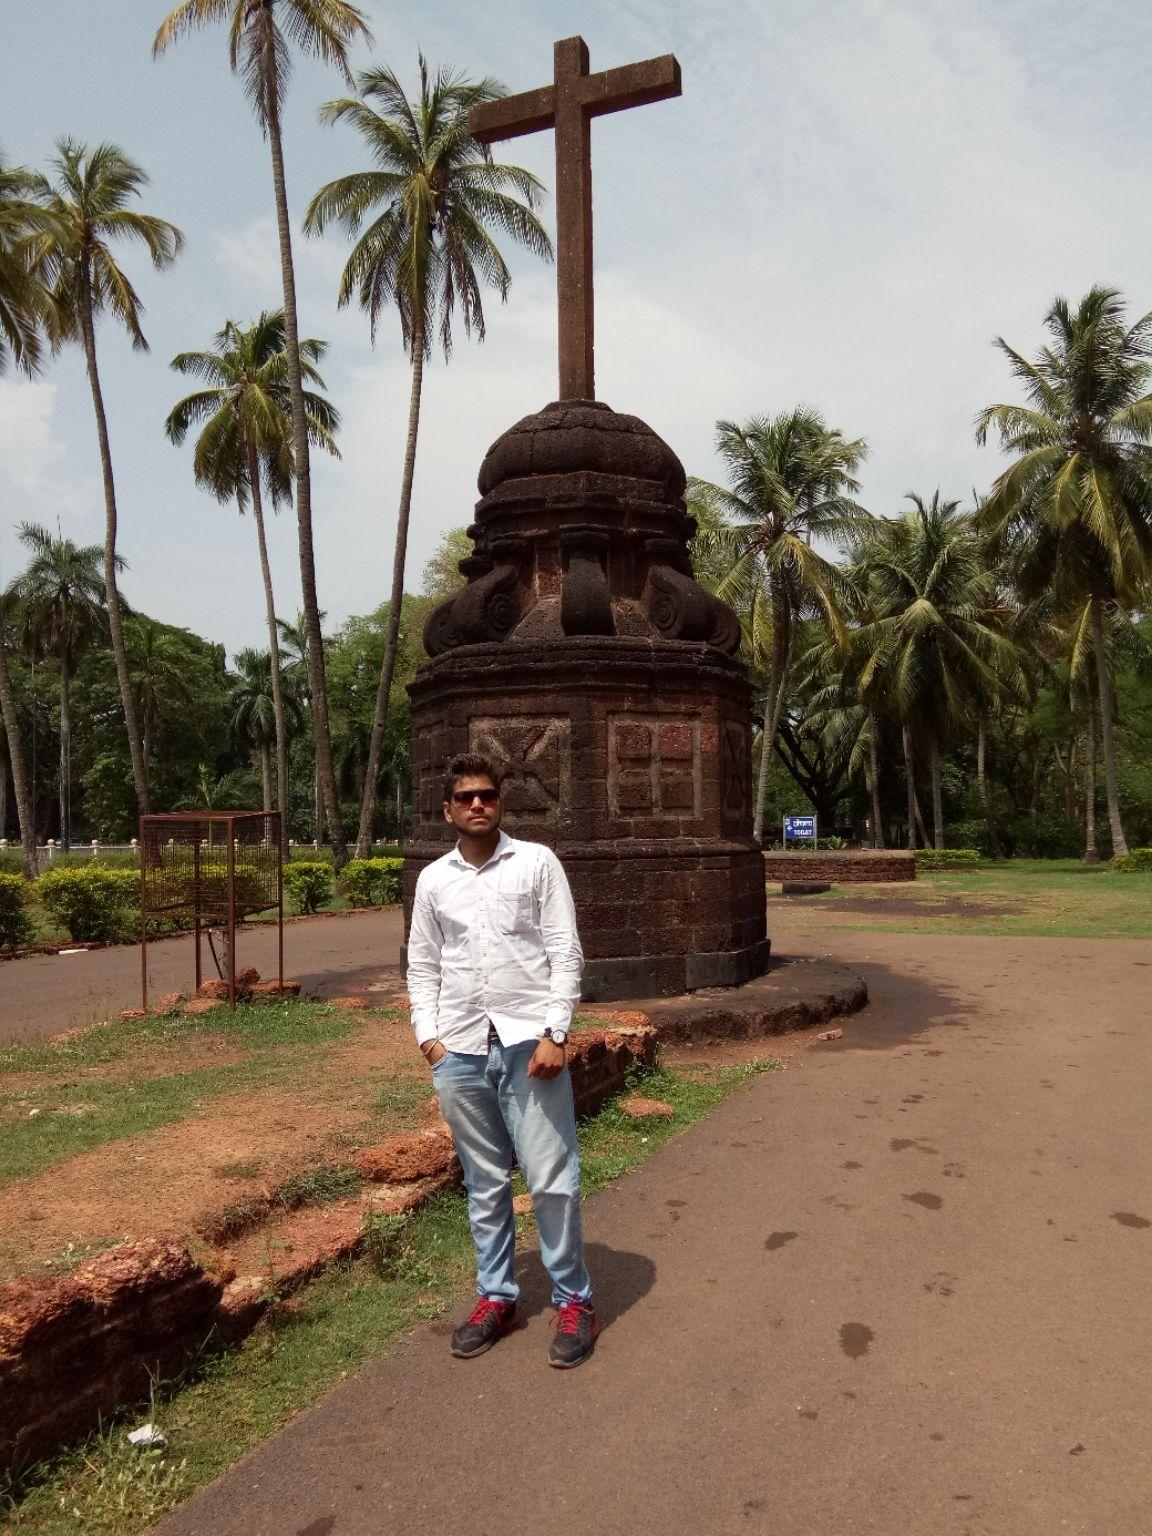 Photo of Goa By Harshit jangid